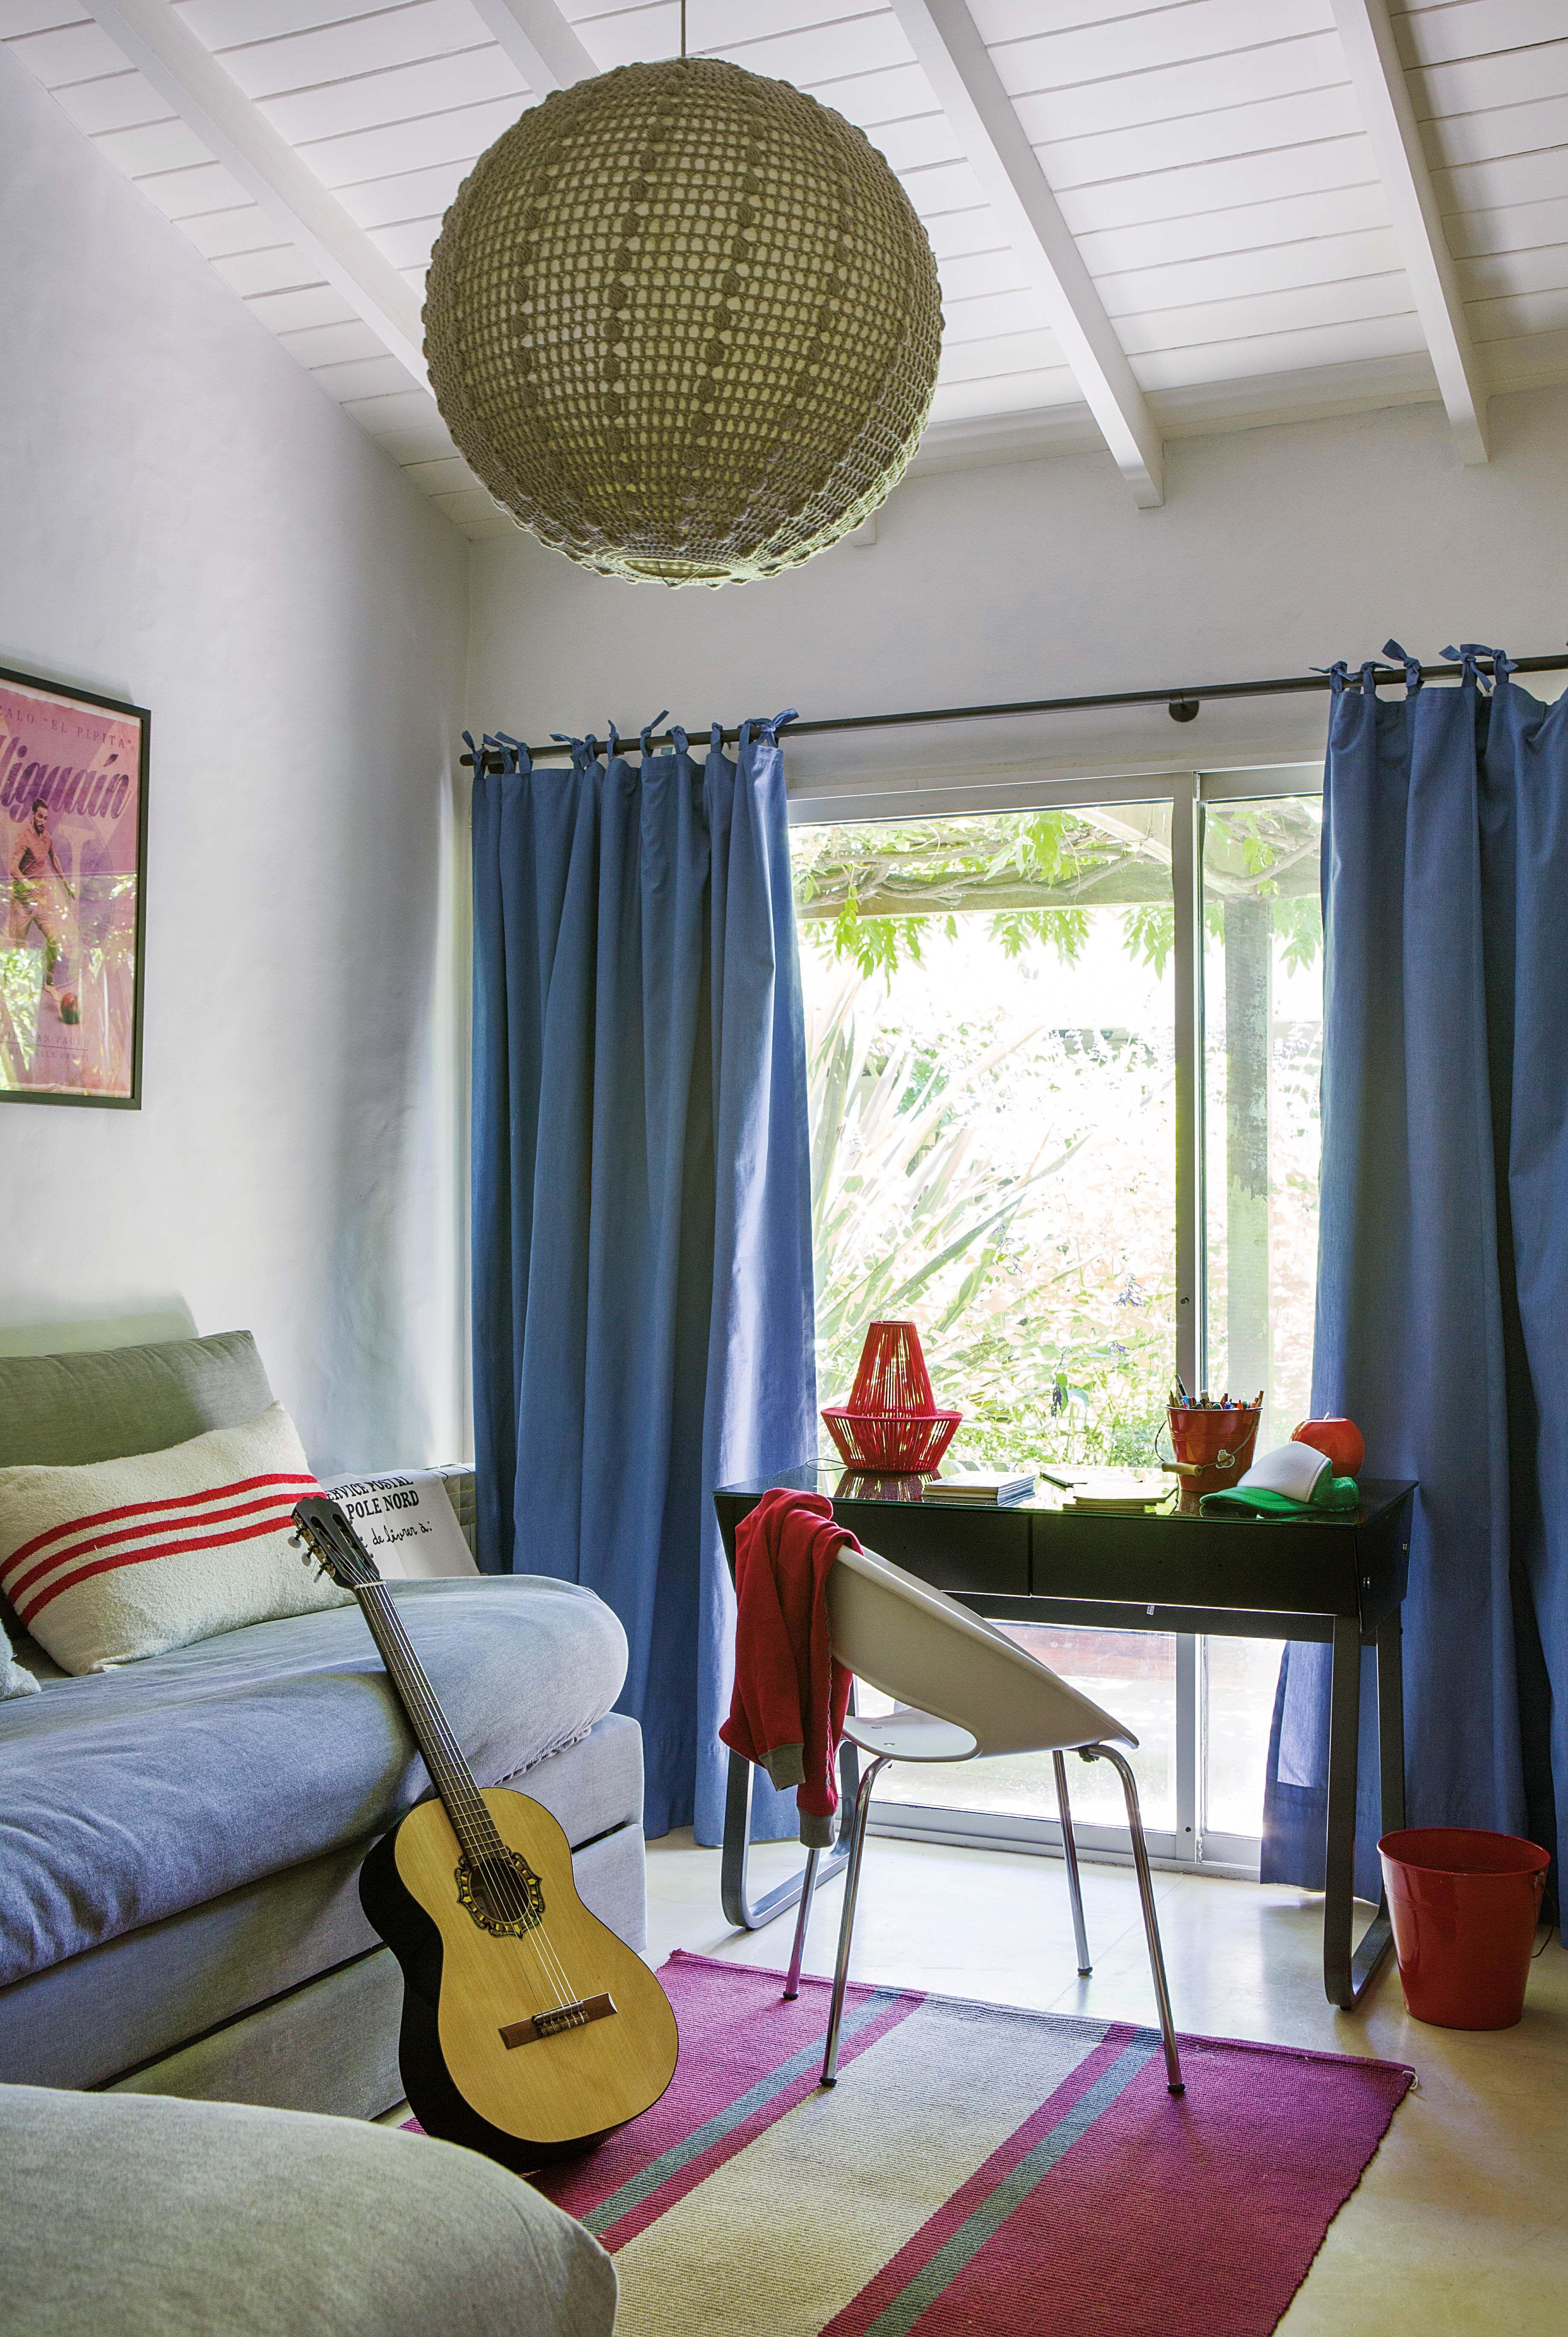 Una casa en un country con aire tropical por dentro y por